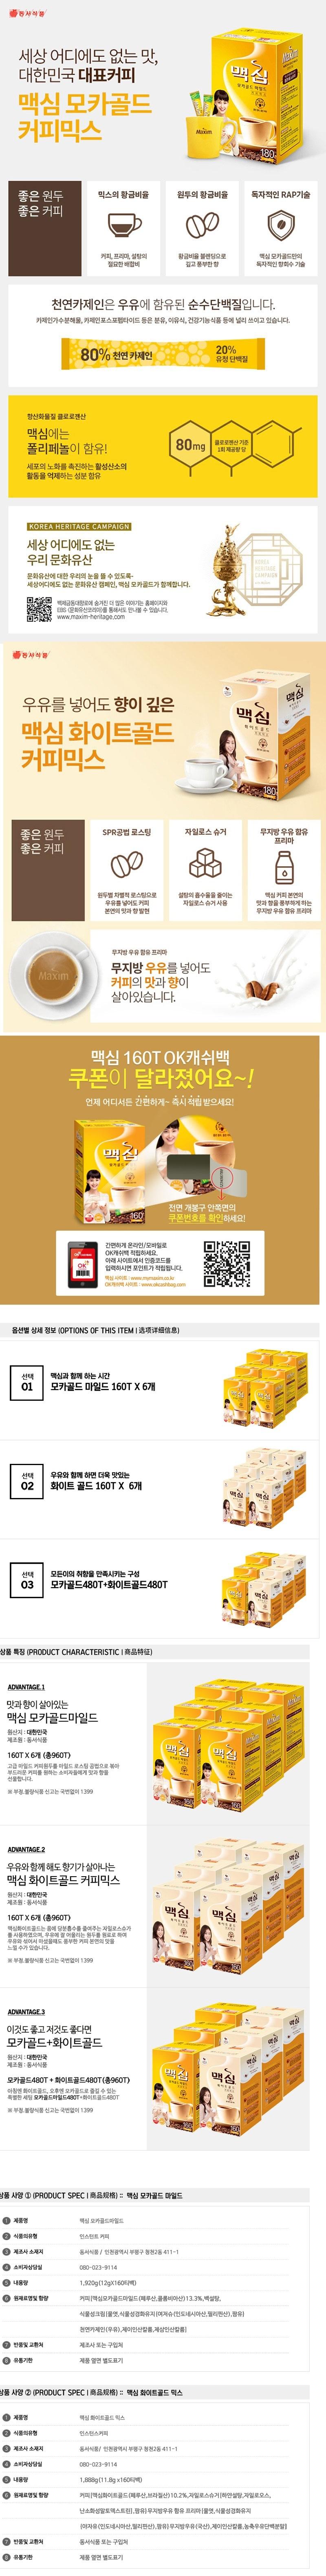 [ DongSuh ] Maxim white gold 960T(160*6)